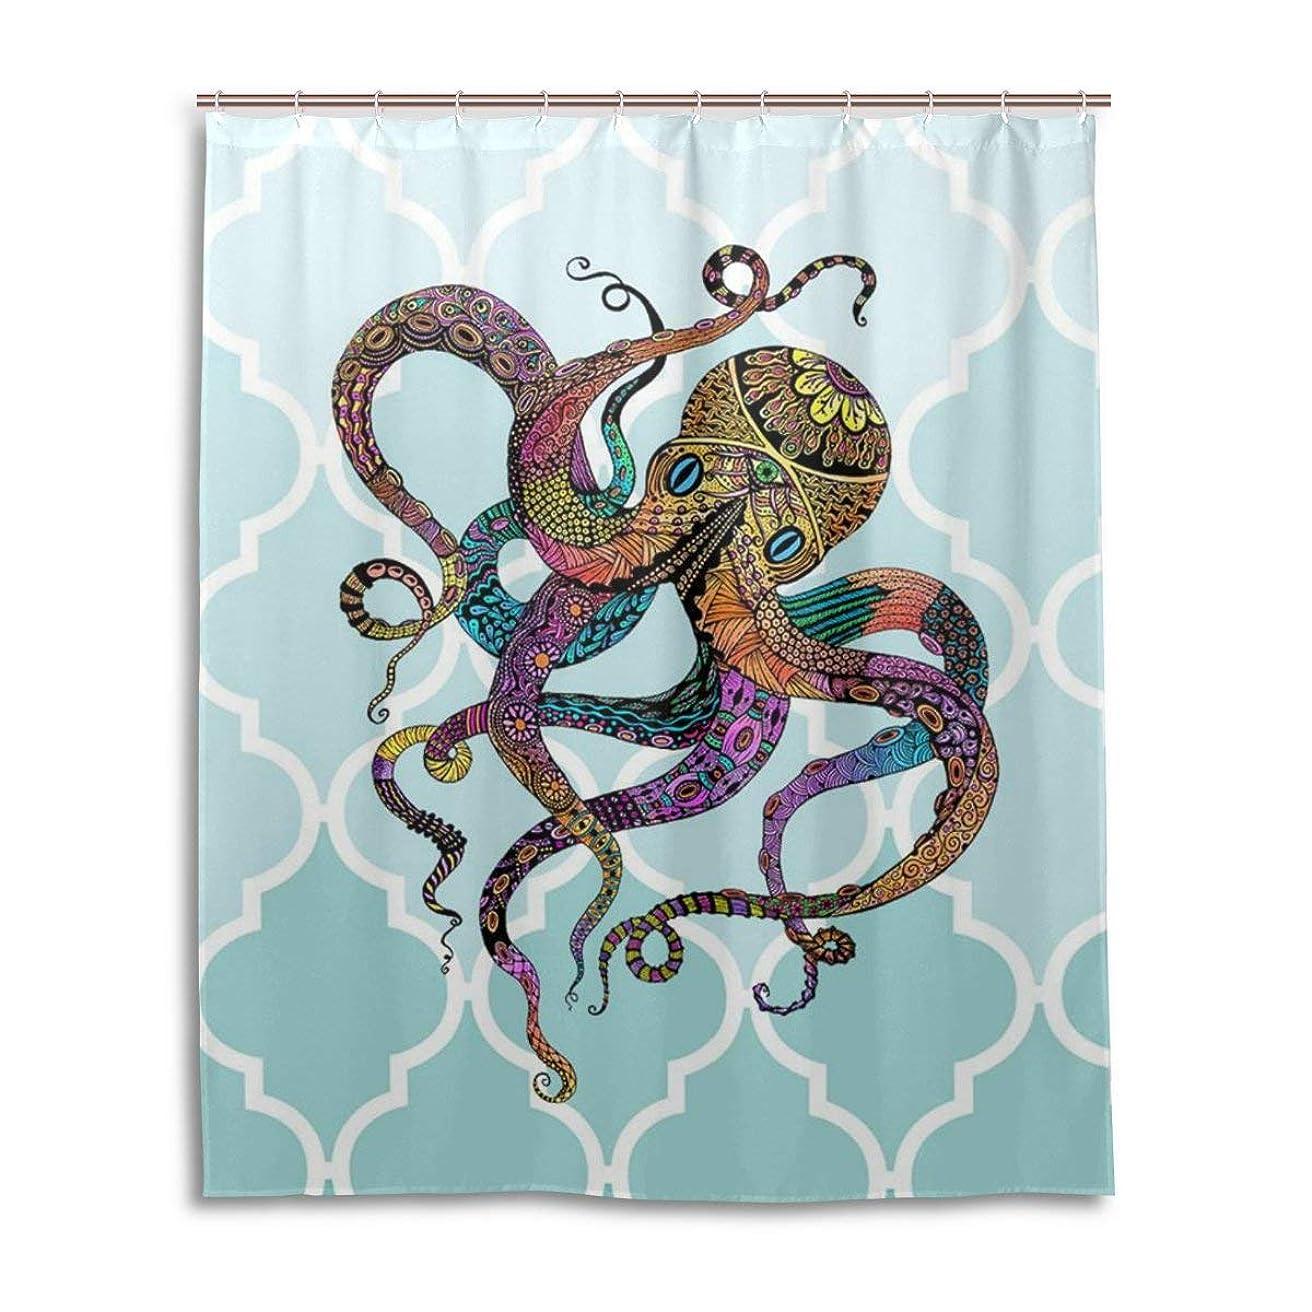 オープナーコーラス石炭MIMUTI装飾シャワーカーテンオクトパスパターン印刷100%ポリエステルファブリックシャワーカーテン60 x 72インチのホーム浴室装飾シャワーバスカーテン